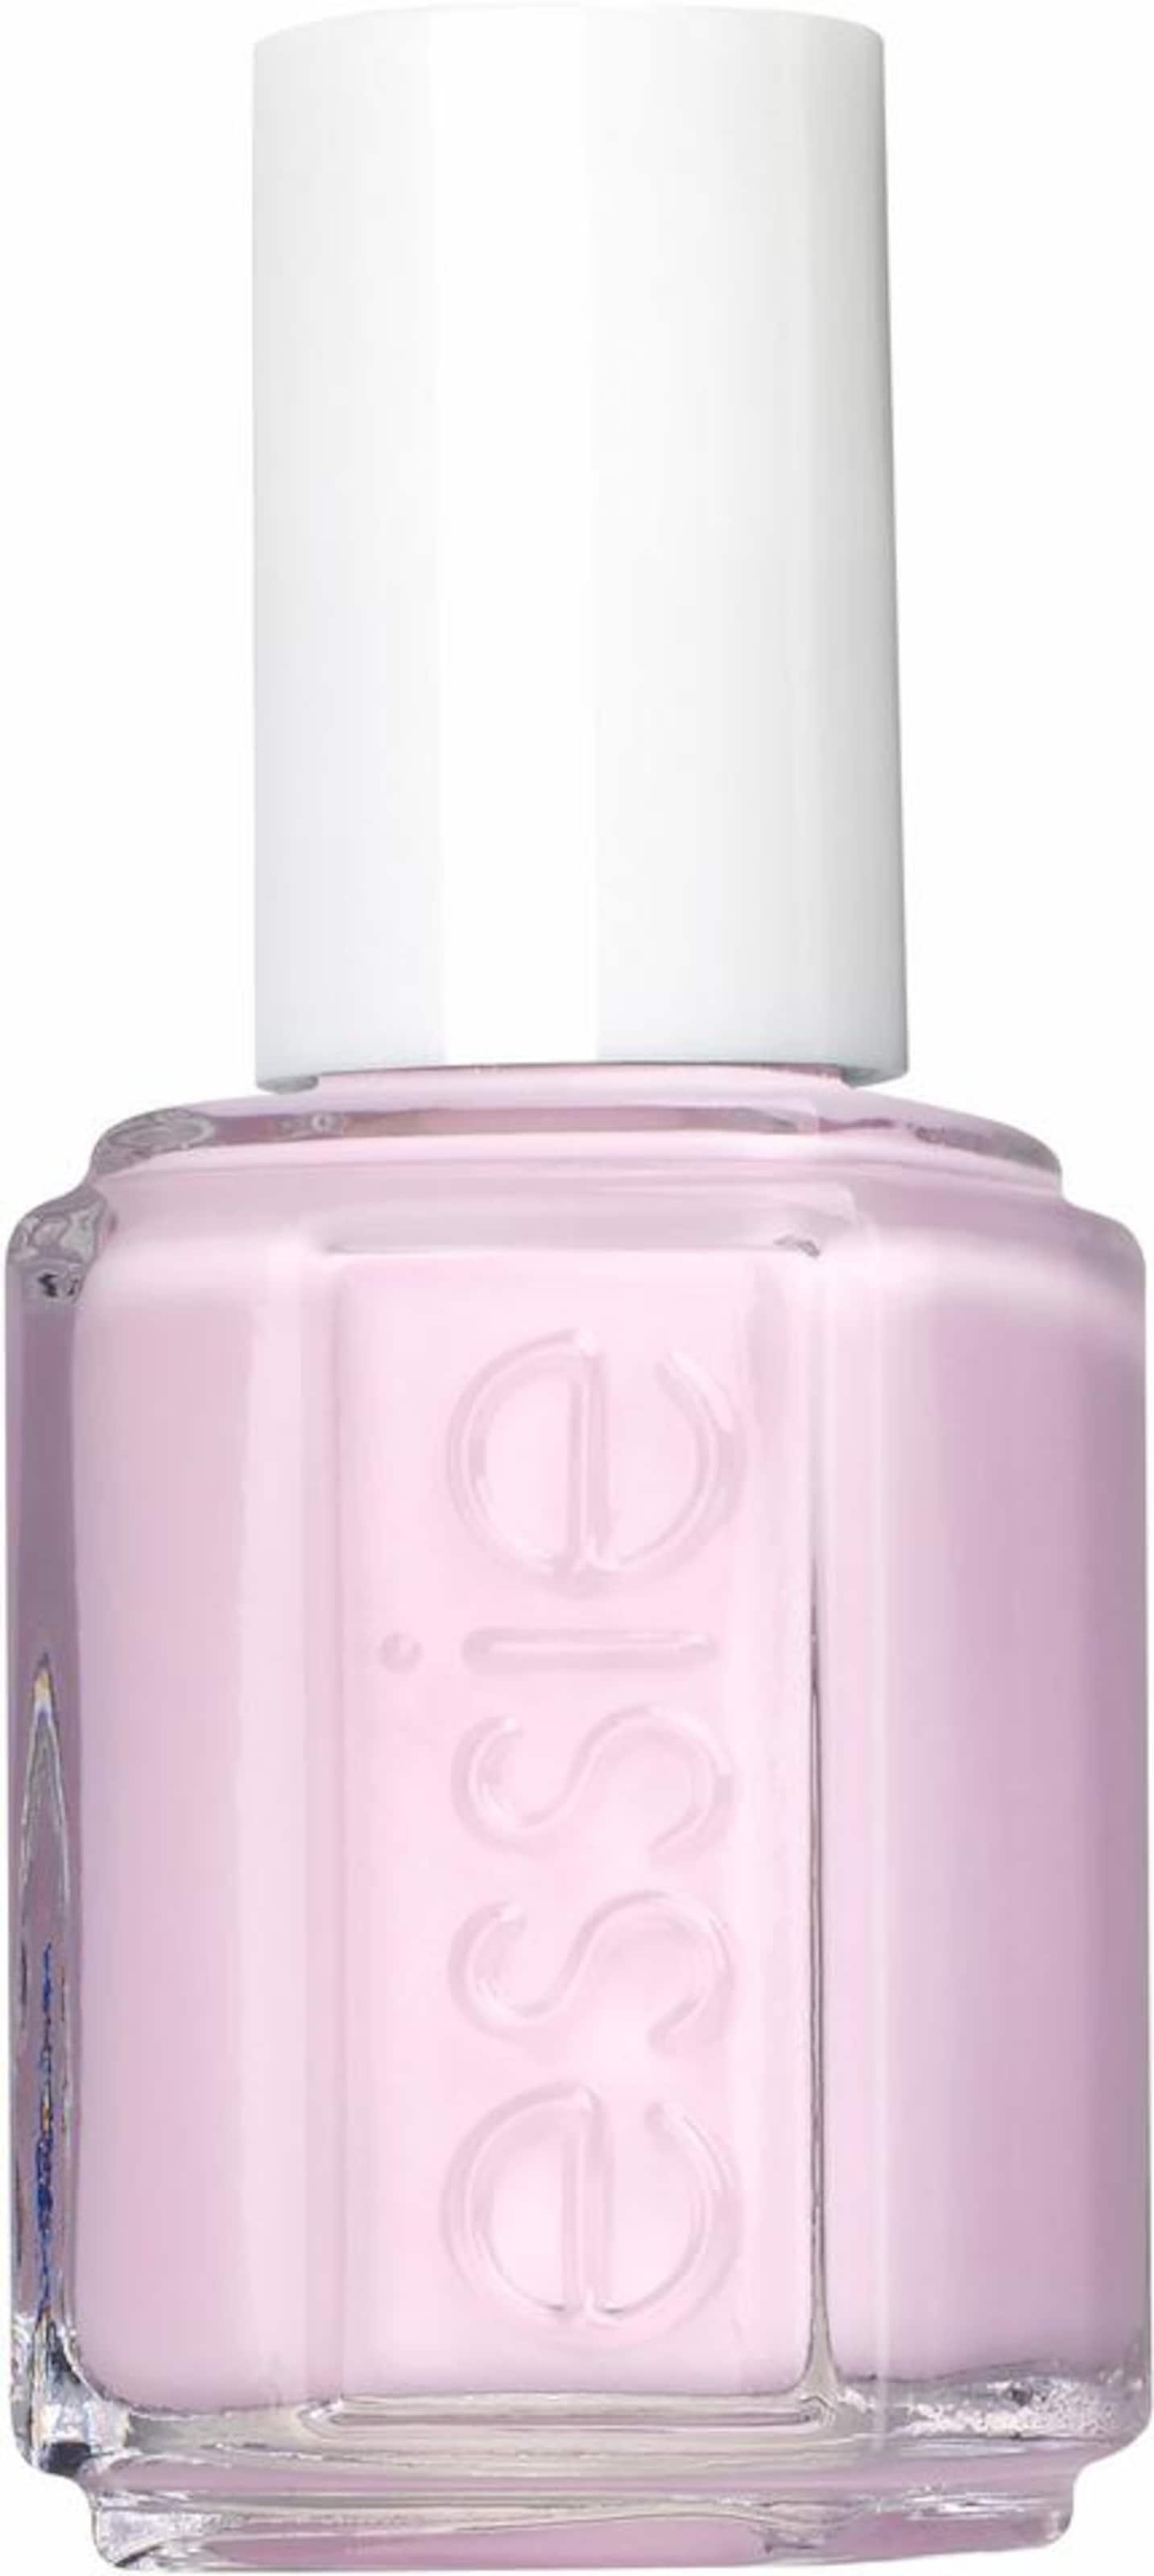 Helllila 'pinktöne' Essie 'pinktöne' Essie In Nagellack Nagellack 3jq5c4RLA